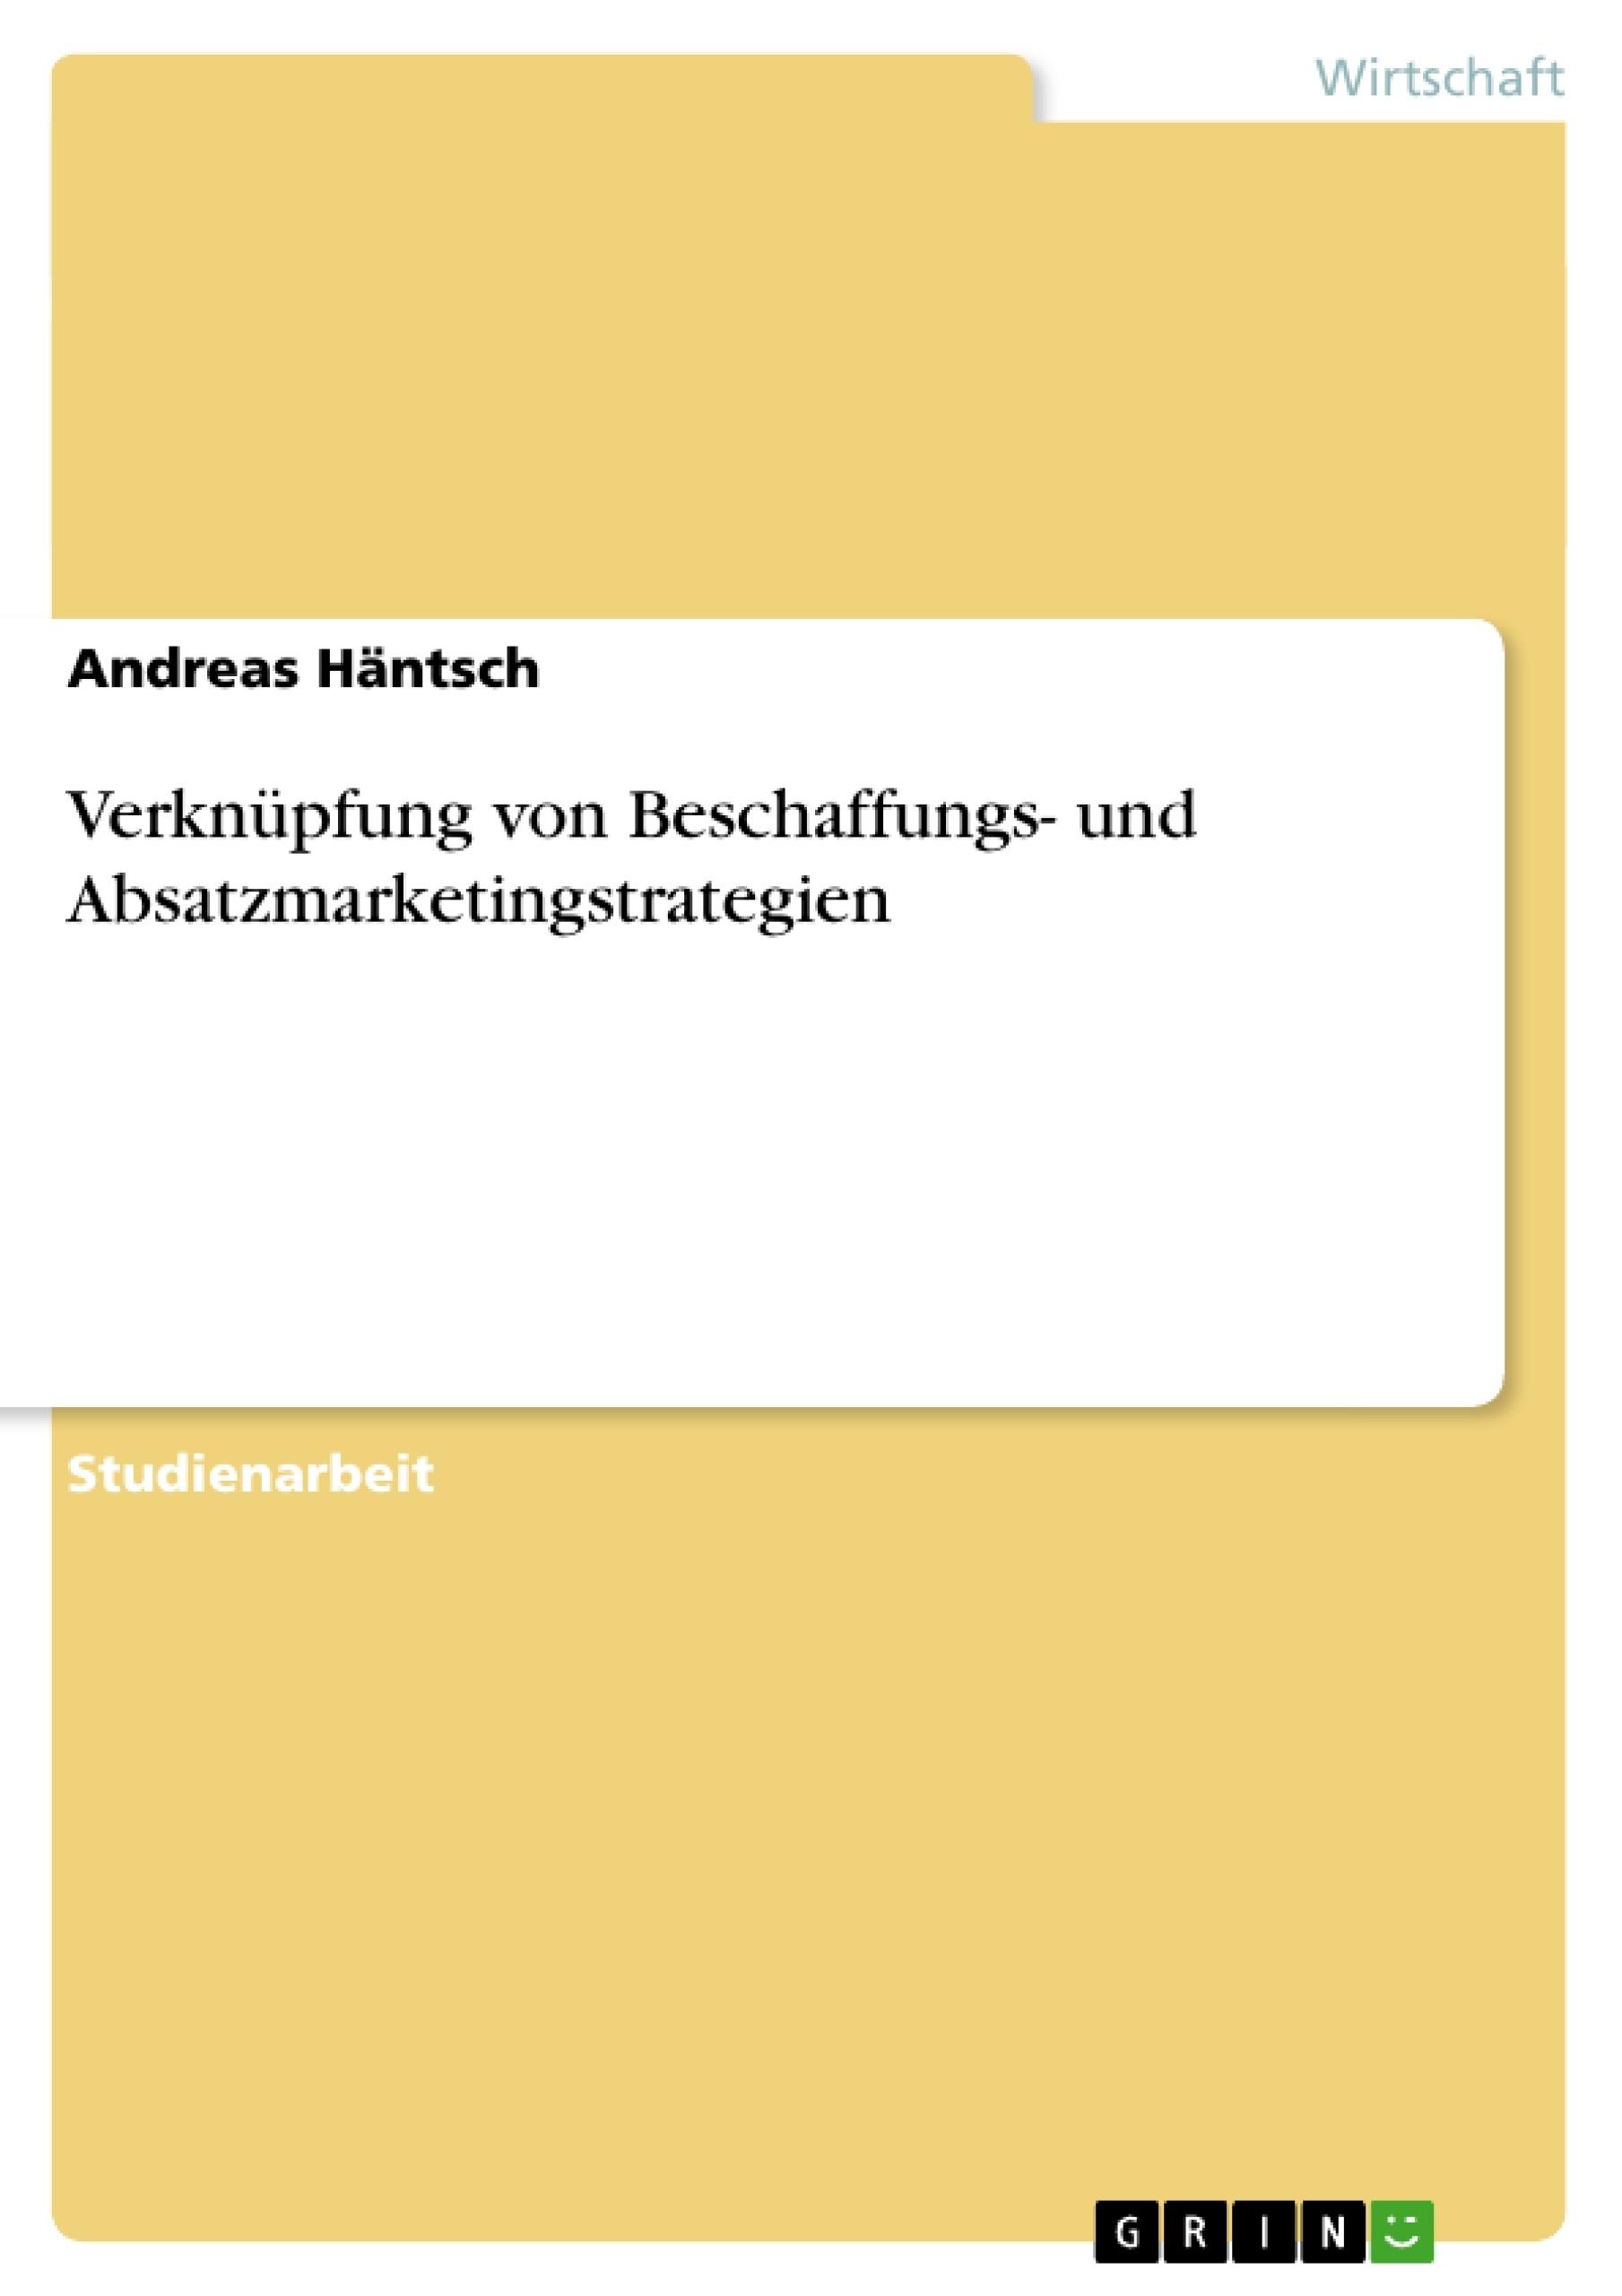 Titel: Verknüpfung von Beschaffungs- und Absatzmarketingstrategien